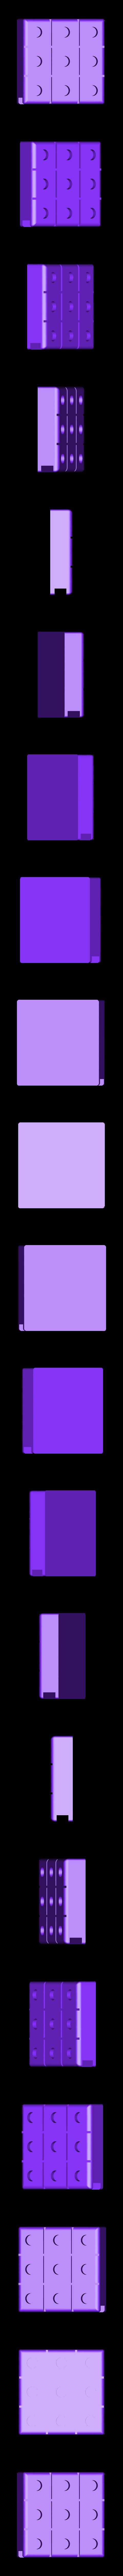 Board.stl Télécharger fichier STL gratuit Jeu de société Tic Tac Toe • Design à imprimer en 3D, mtairymd